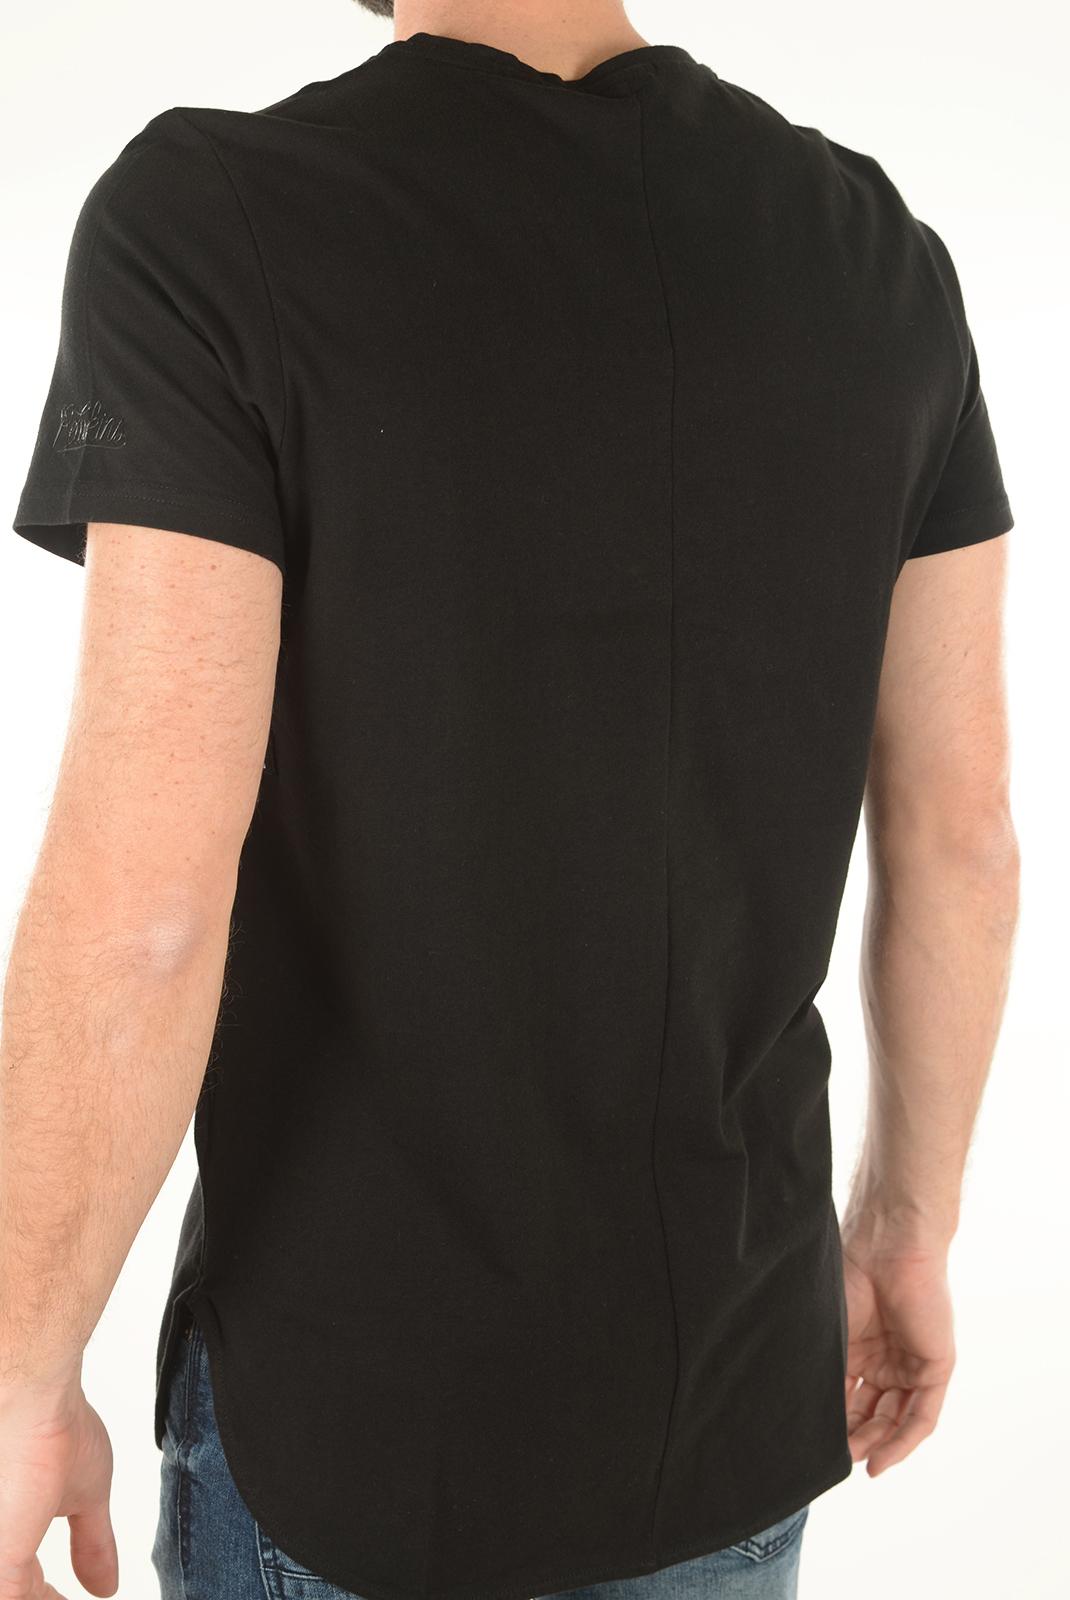 Tee-shirts  Redskins GAUVIN CERES NOIR